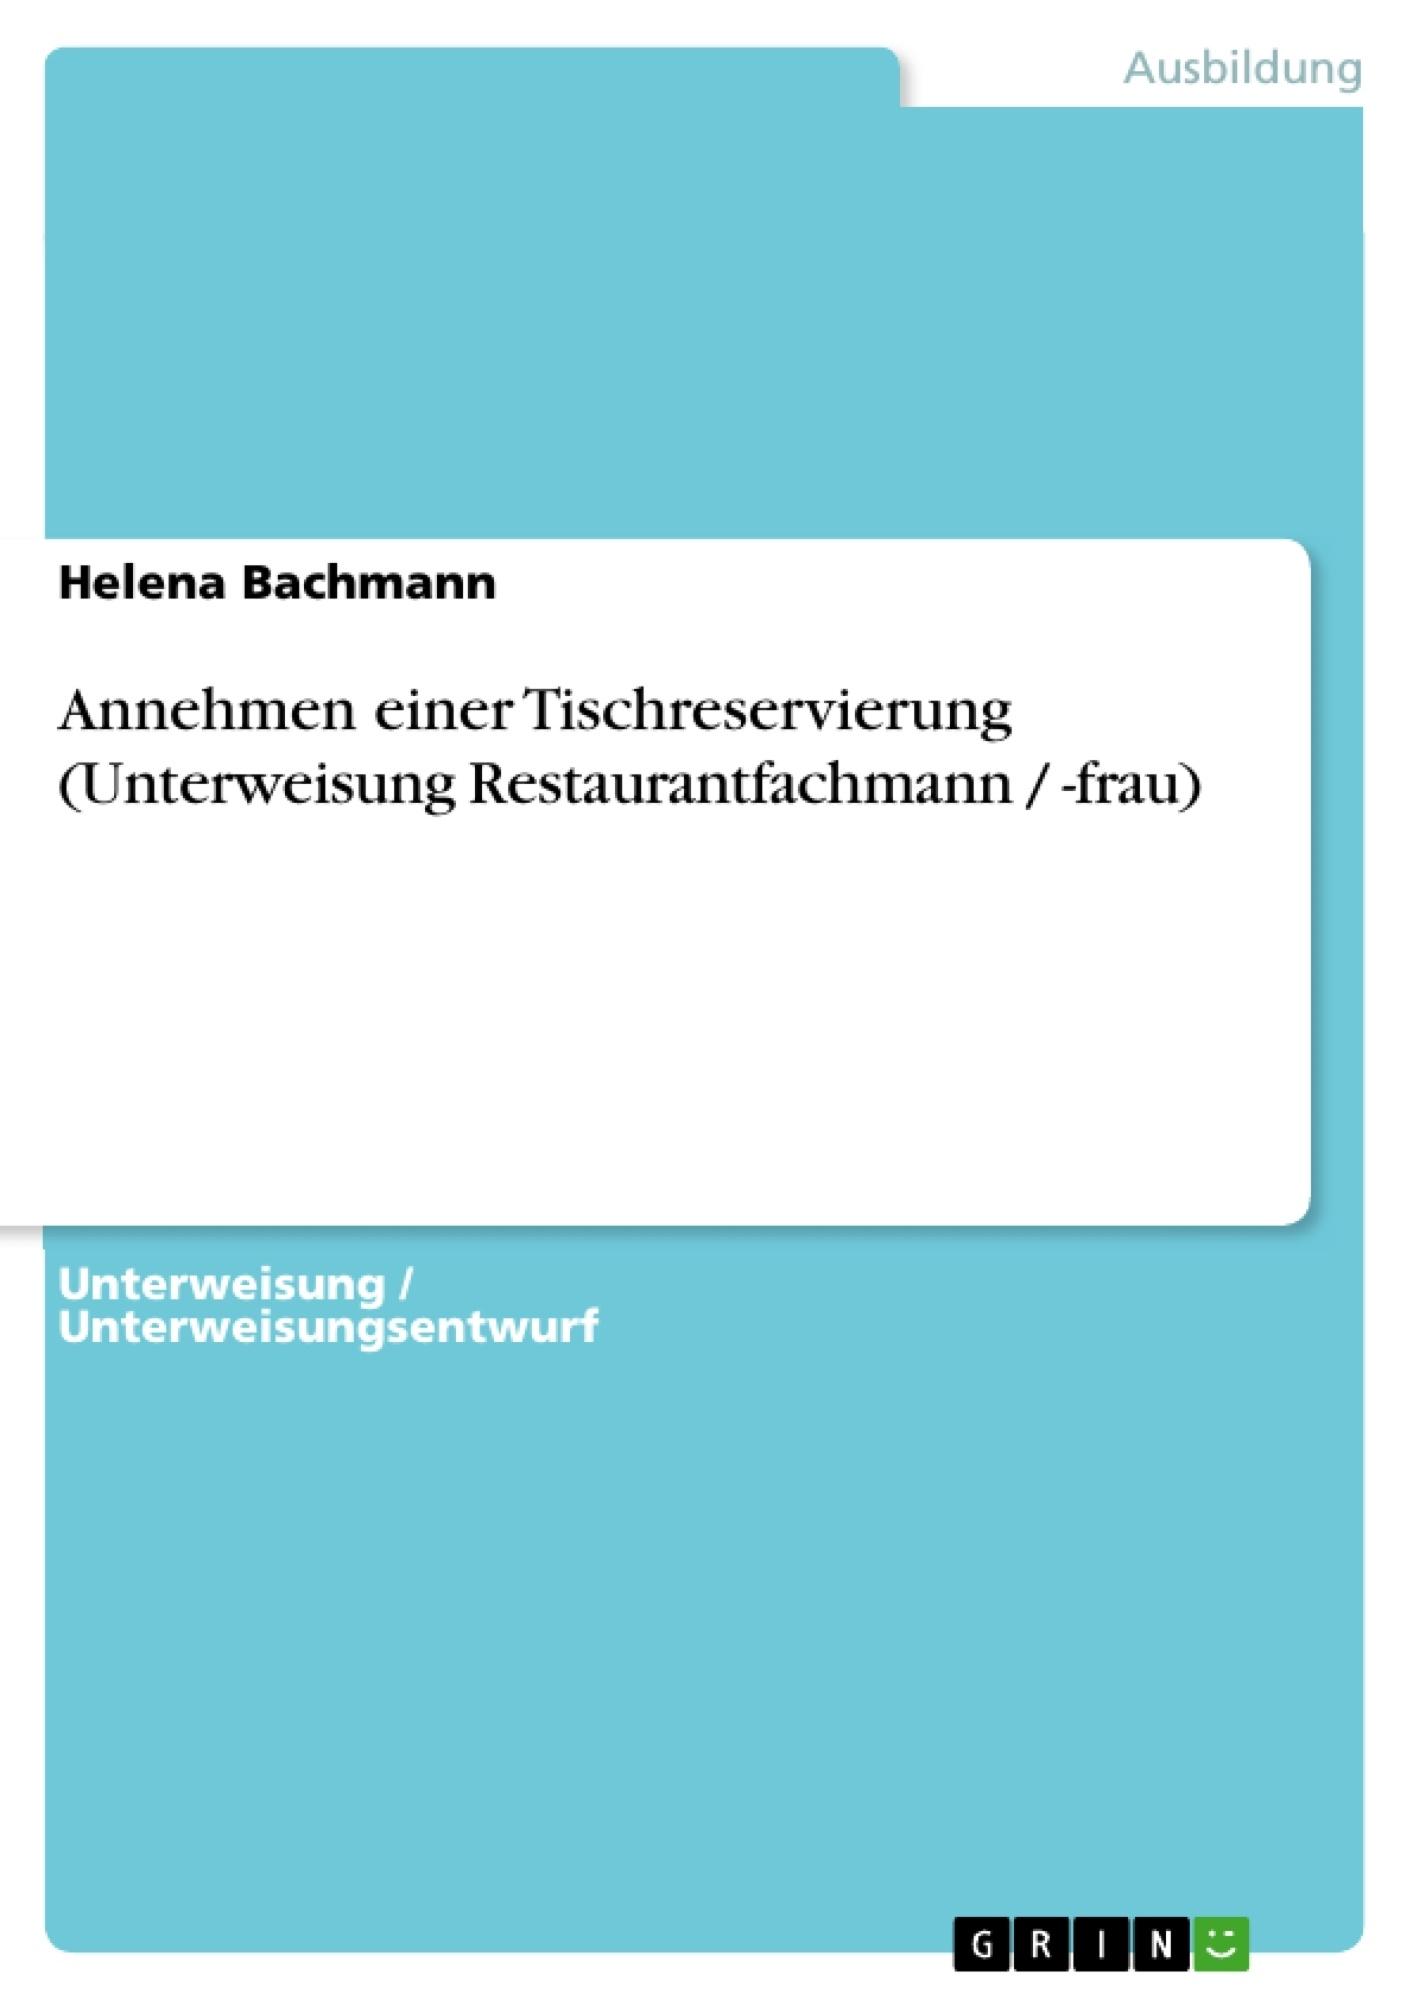 Titel: Annehmen einer Tischreservierung (Unterweisung Restaurantfachmann / -frau)